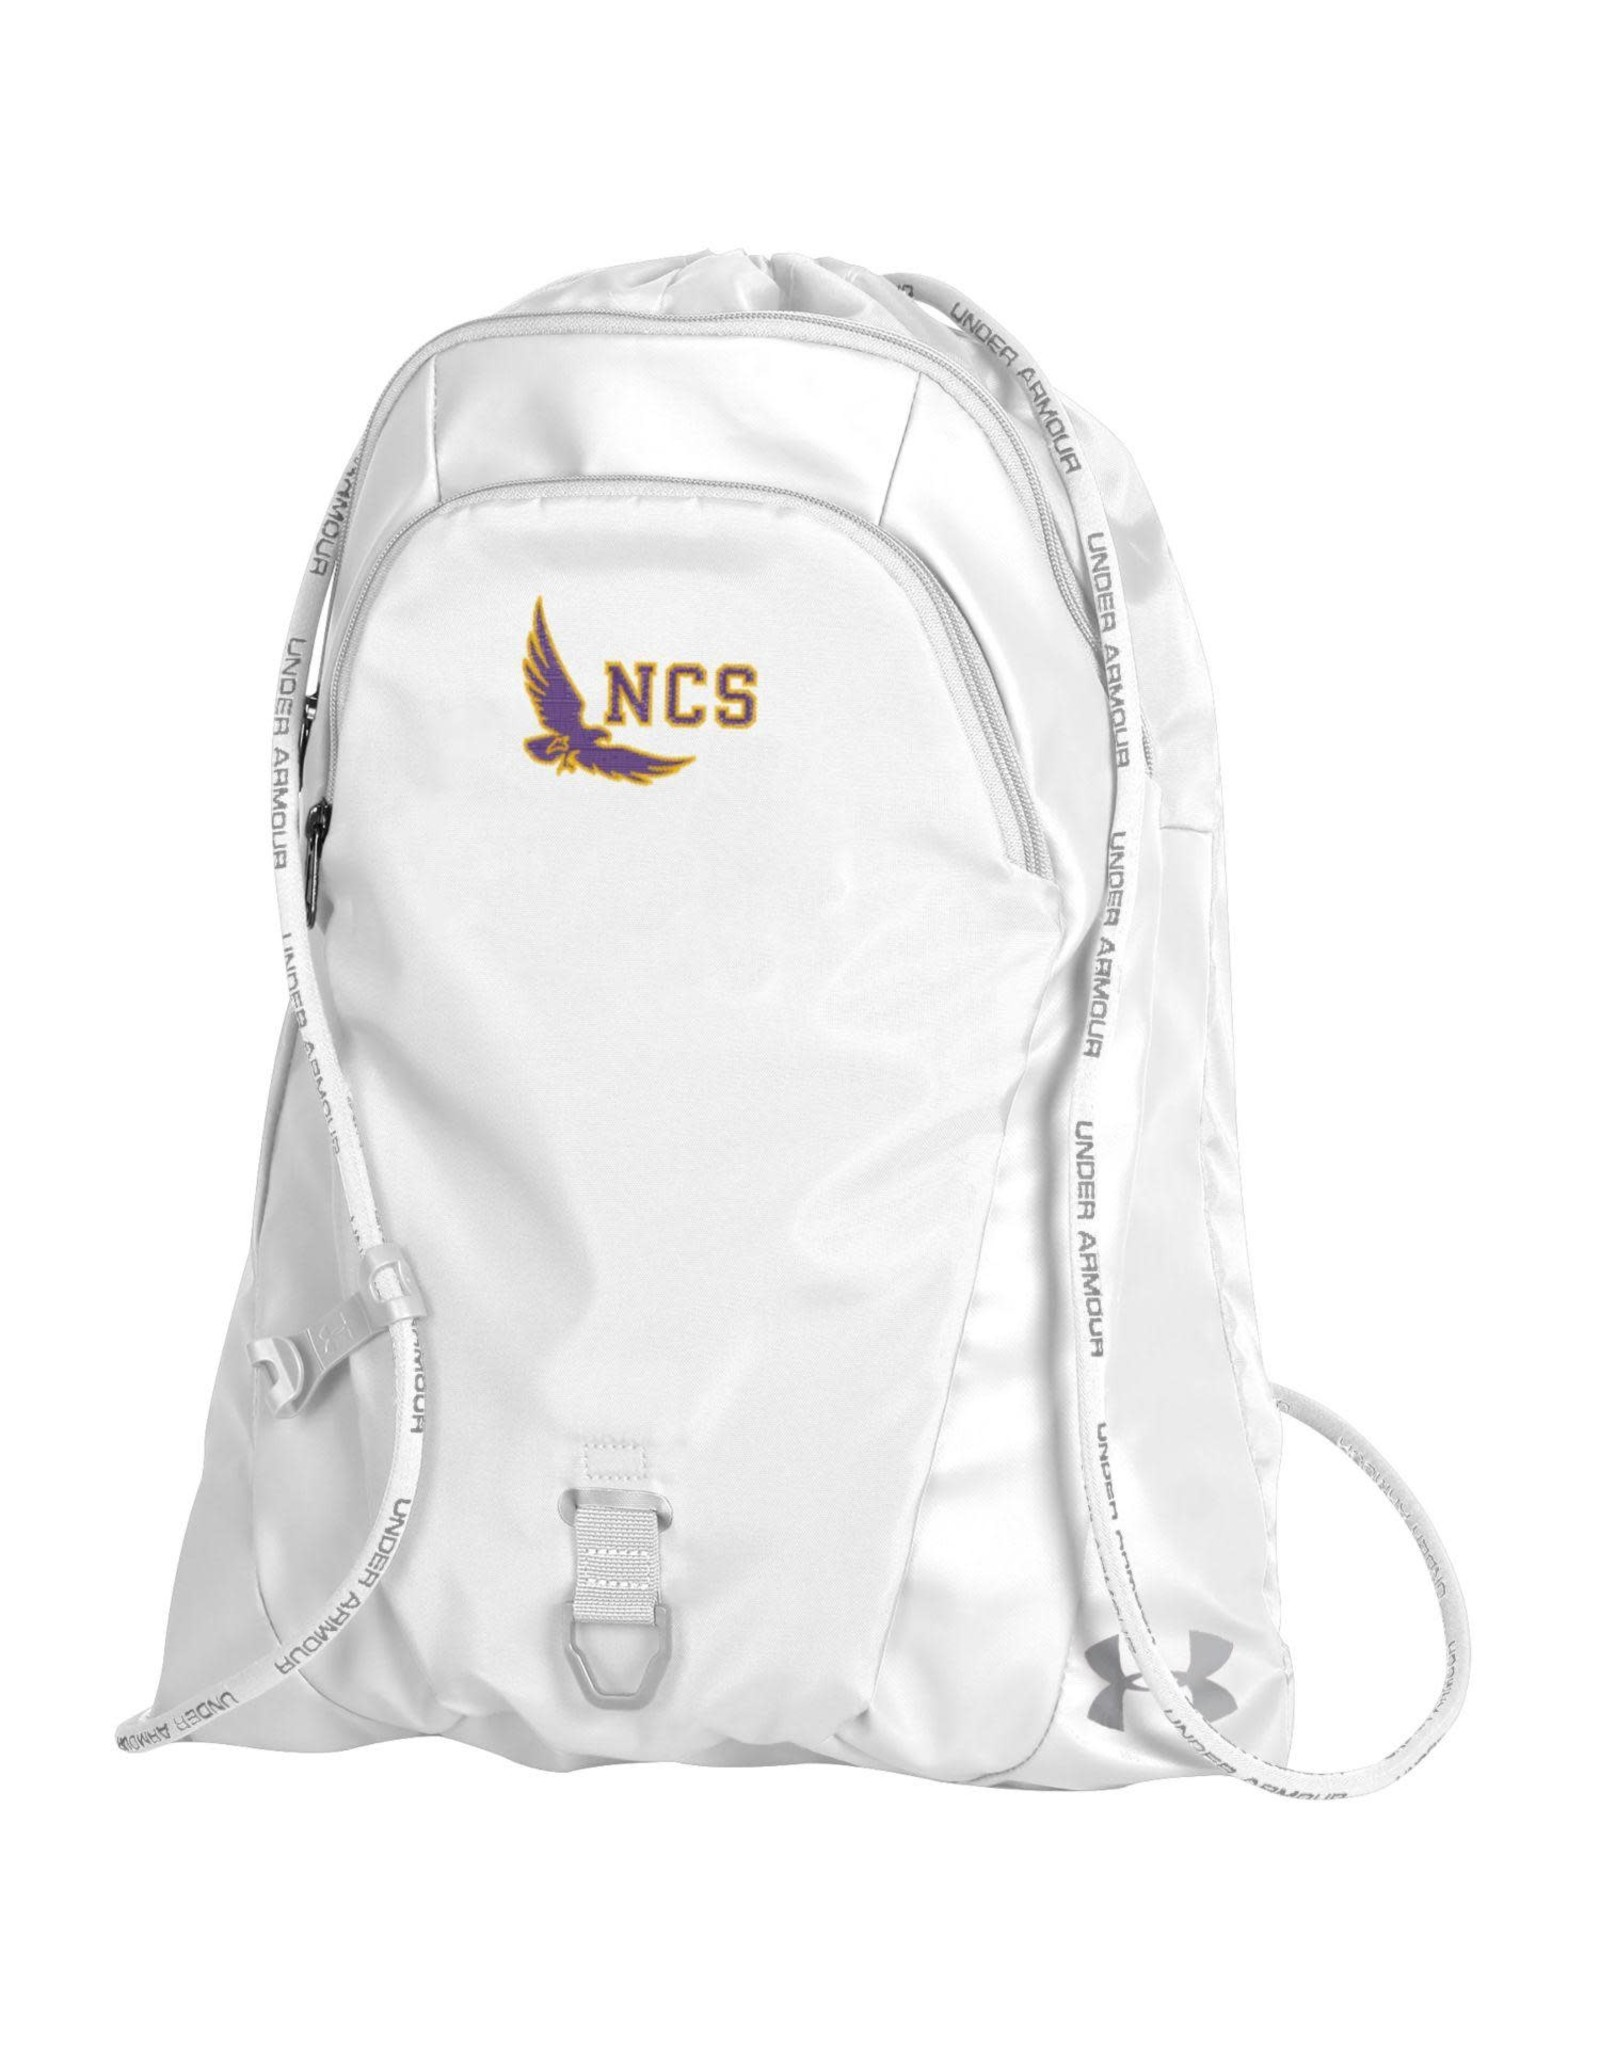 SACKPACK-WHITE W/ NCS EAGLE